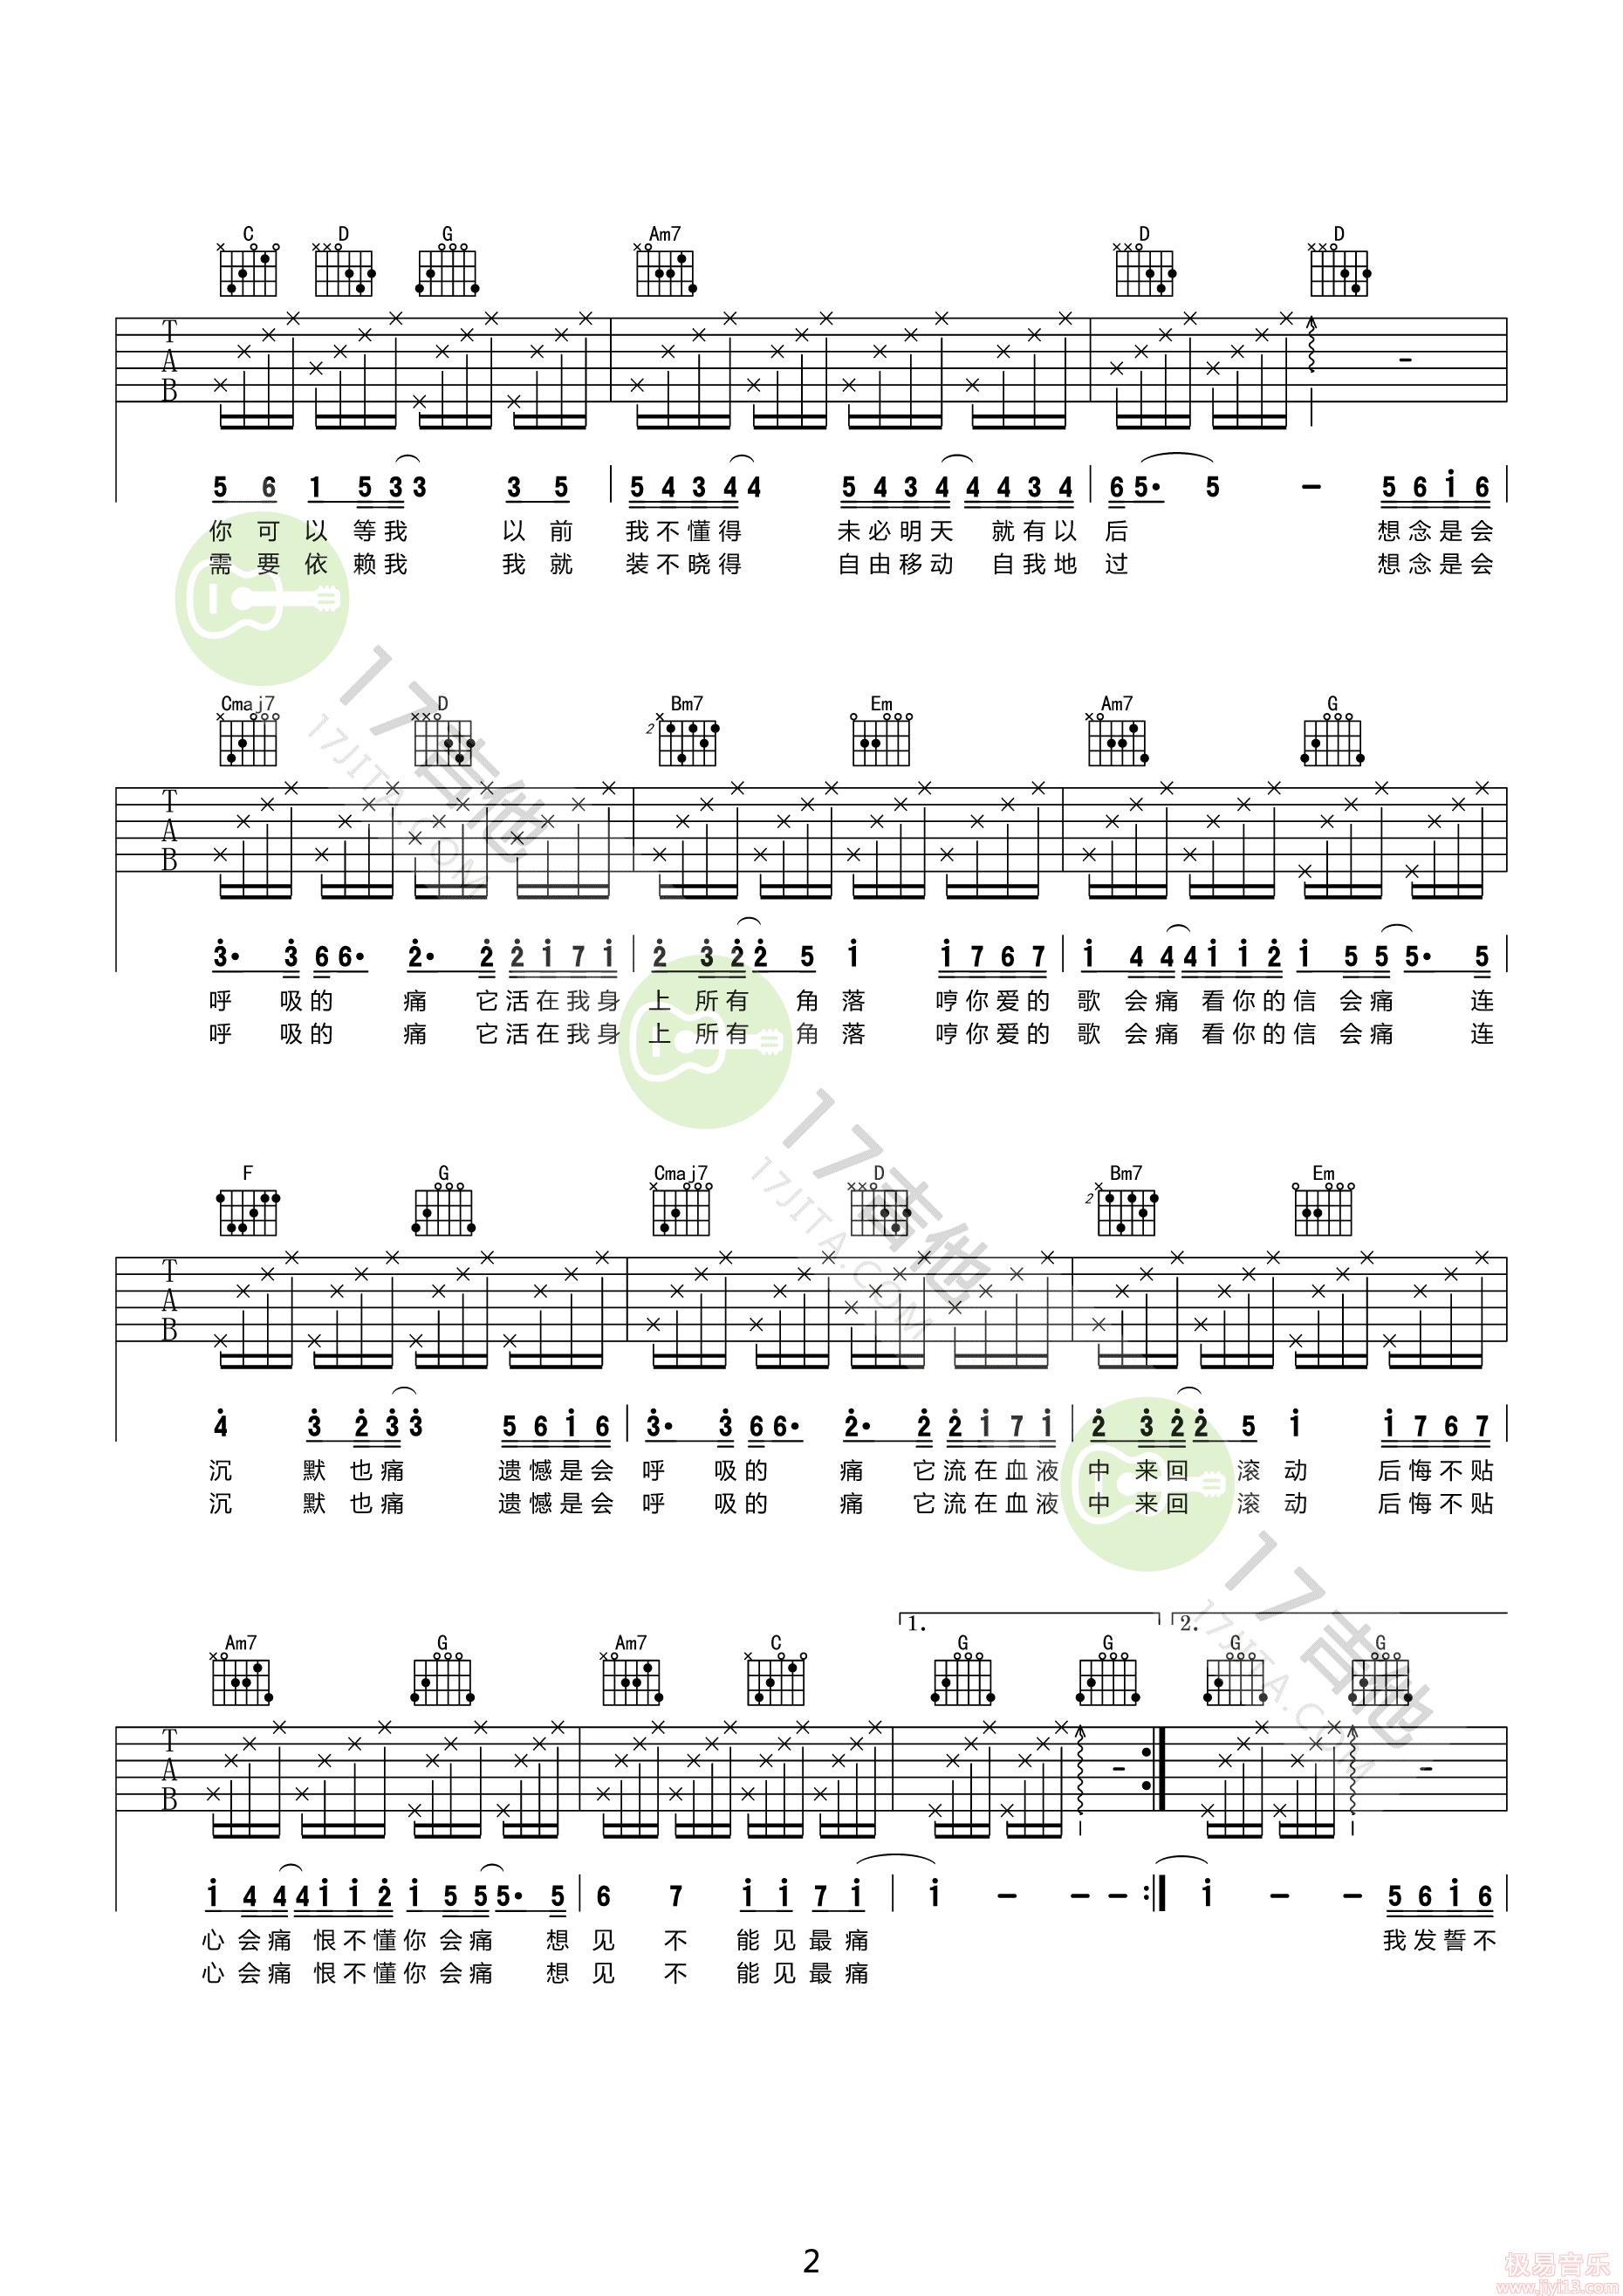 梁静茹《会呼吸的痛》高清吉他弹唱谱G调完美版原版编配+视频示范【两个版本】